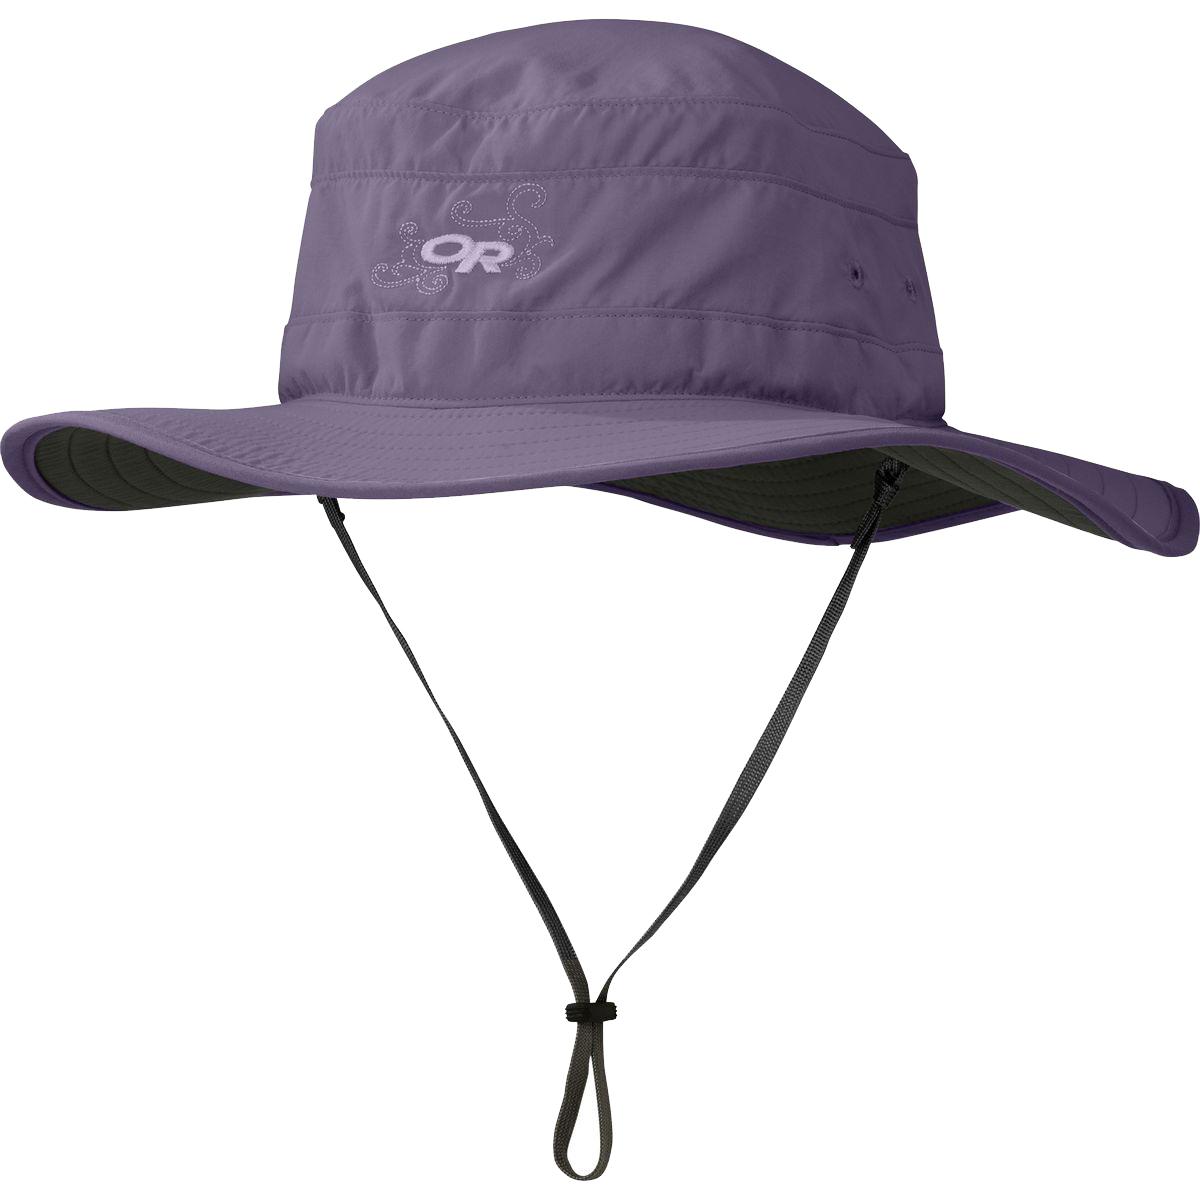 Outdoor Research Solar Roller Sun Hat - Women s 94c8059444c